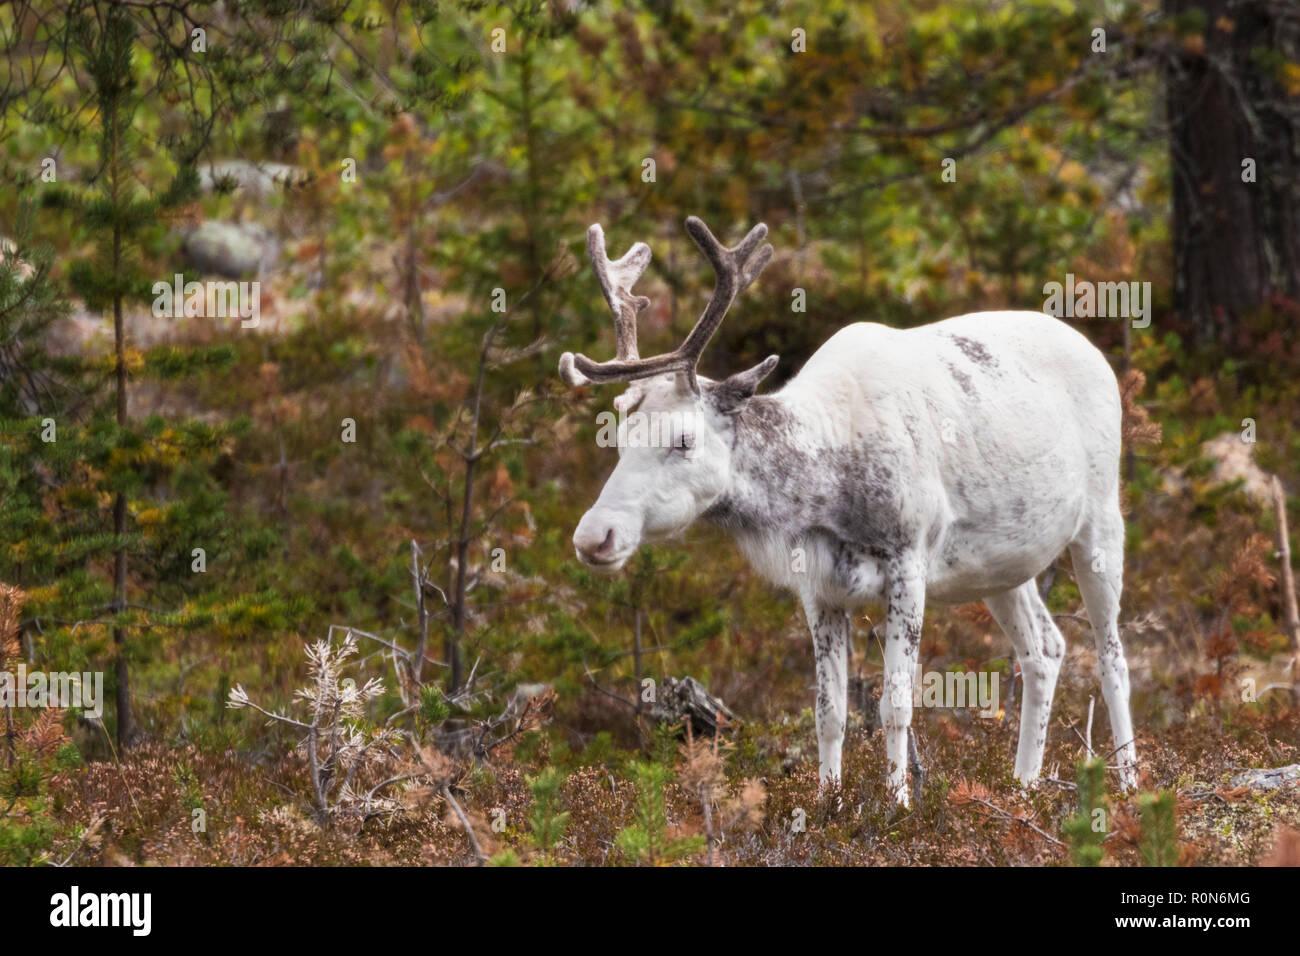 Renne Blanc, Rangifer tarandus balade en forêt, la présence de grandes ramures, Gällivare County, en Laponie suédoise, Suède Banque D'Images